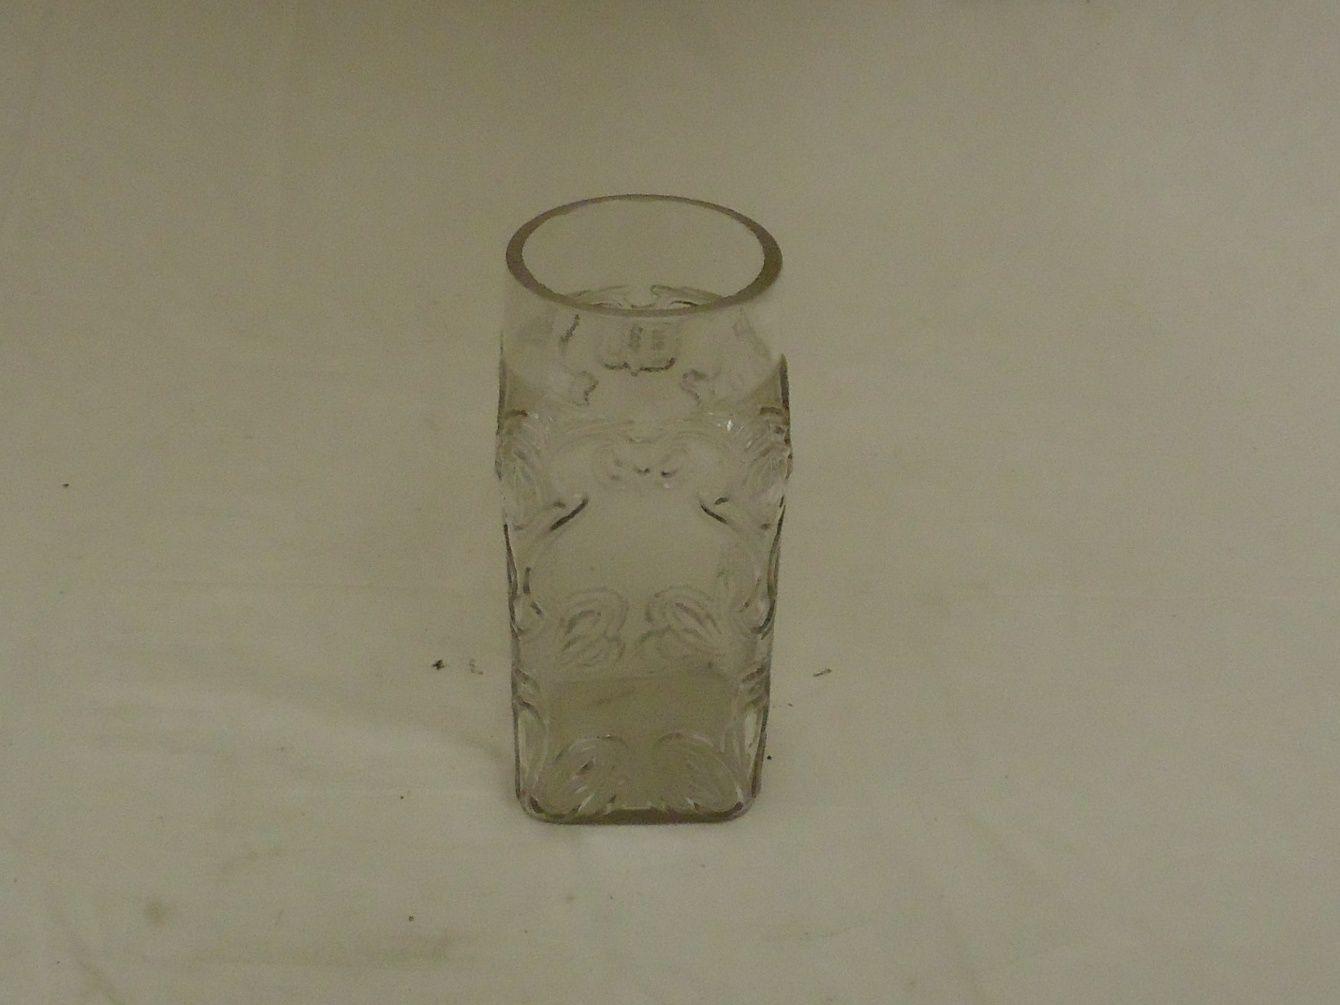 em5188 100212-152m Designer Glass Vase 3 1/2in x 3 1/2in x 7in Glass Rustic Vintage Glass